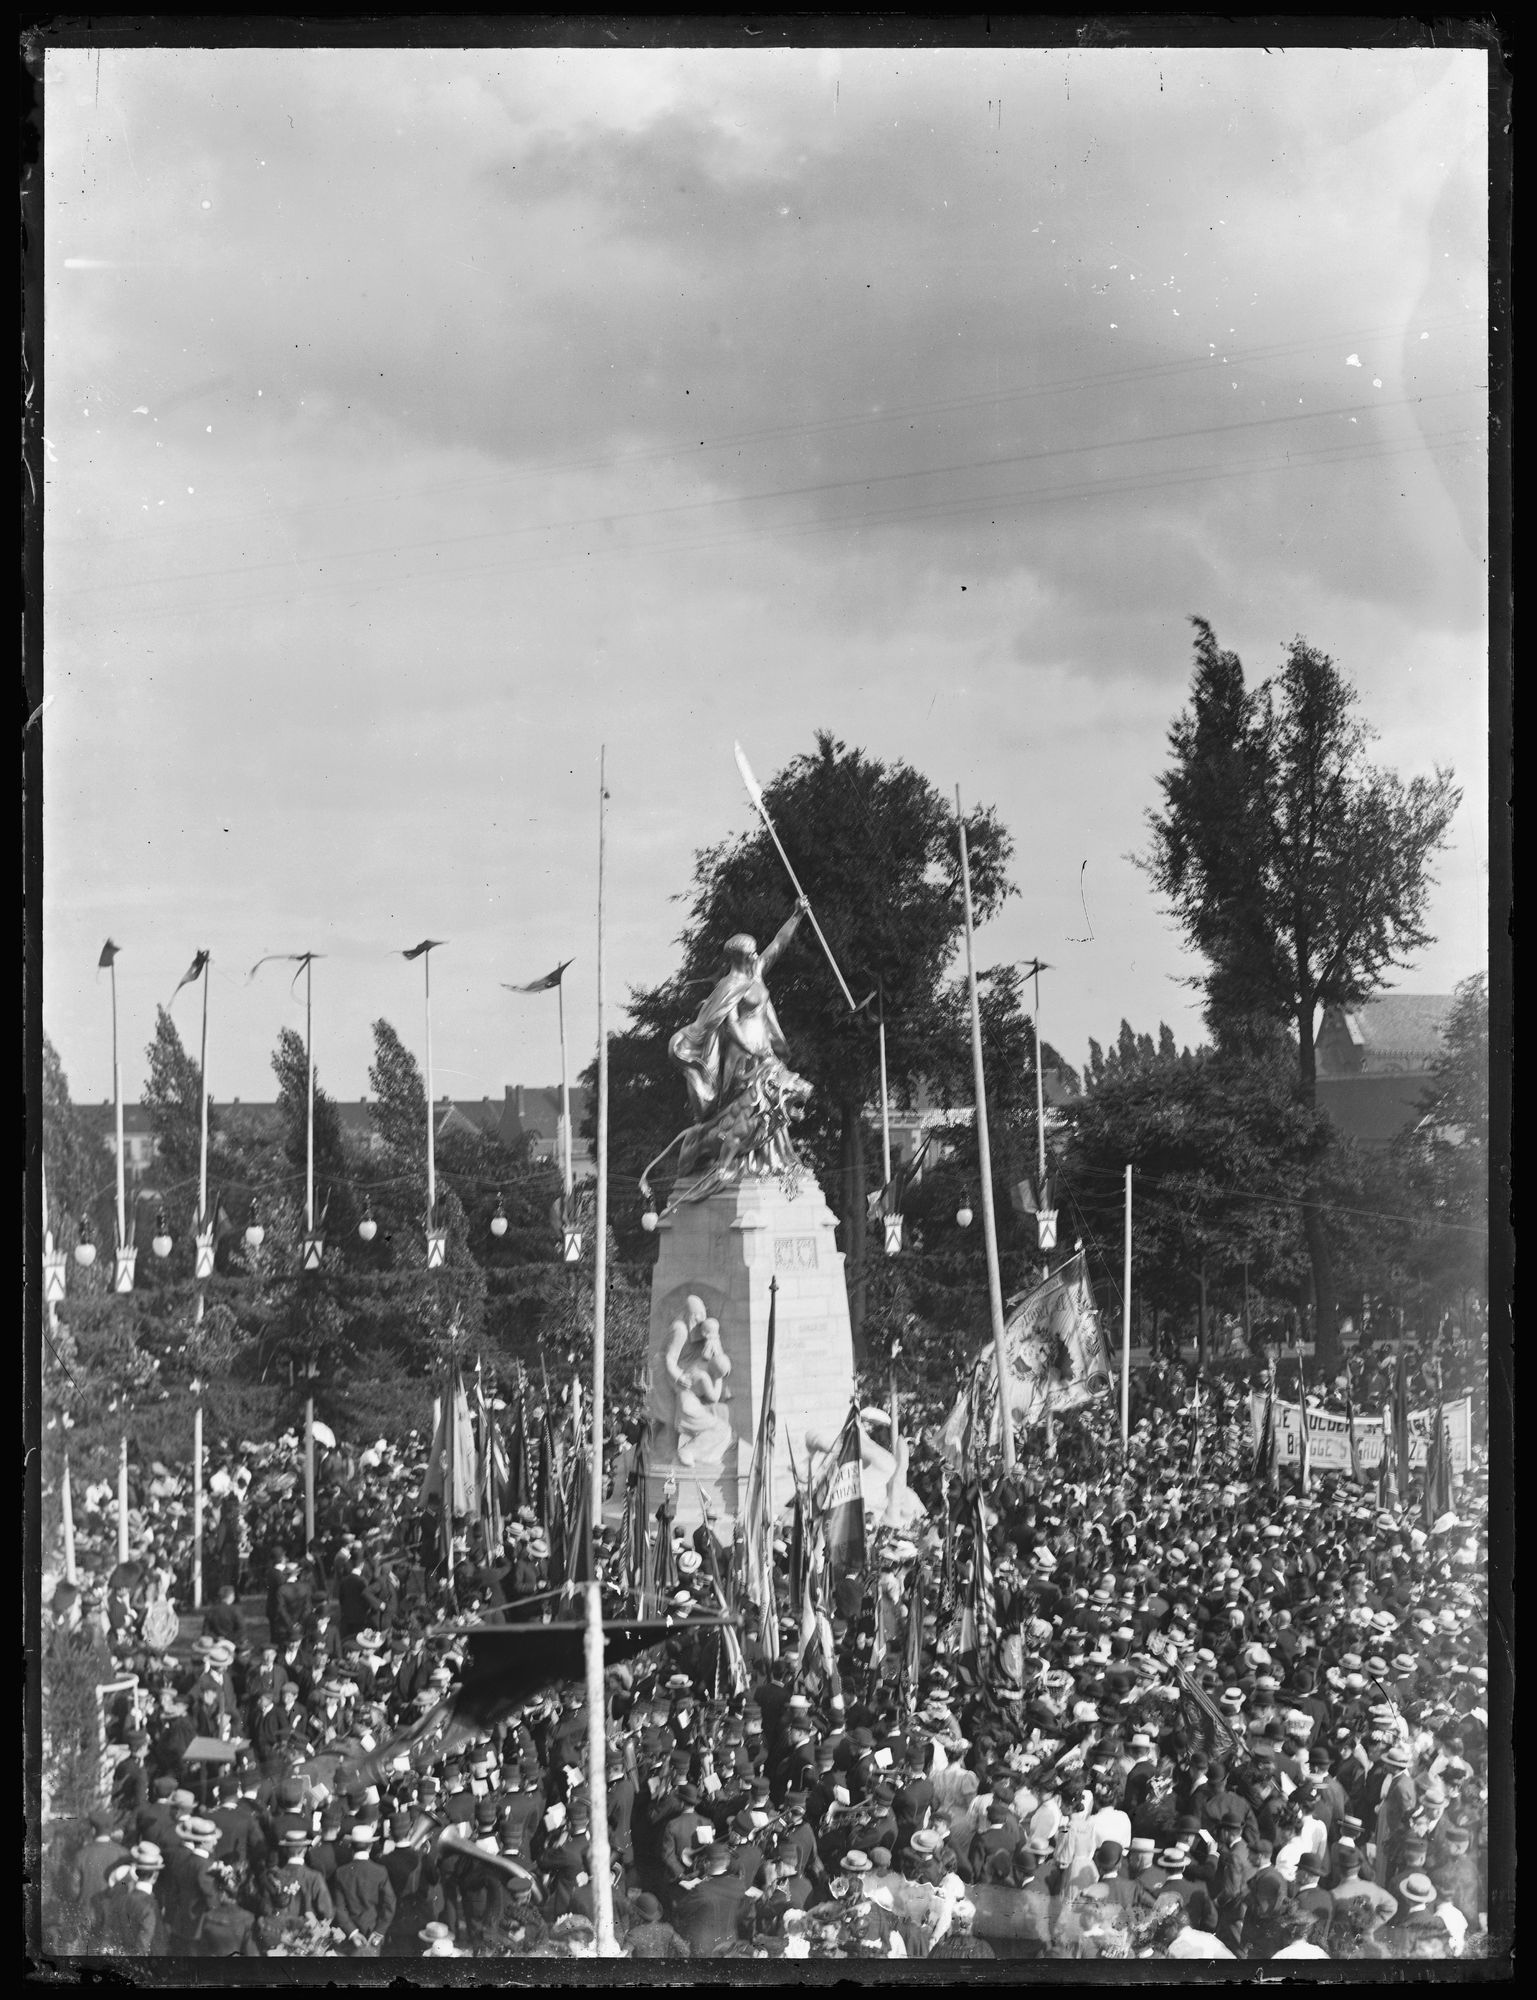 Inhuldiging Groeningemonument in 1906